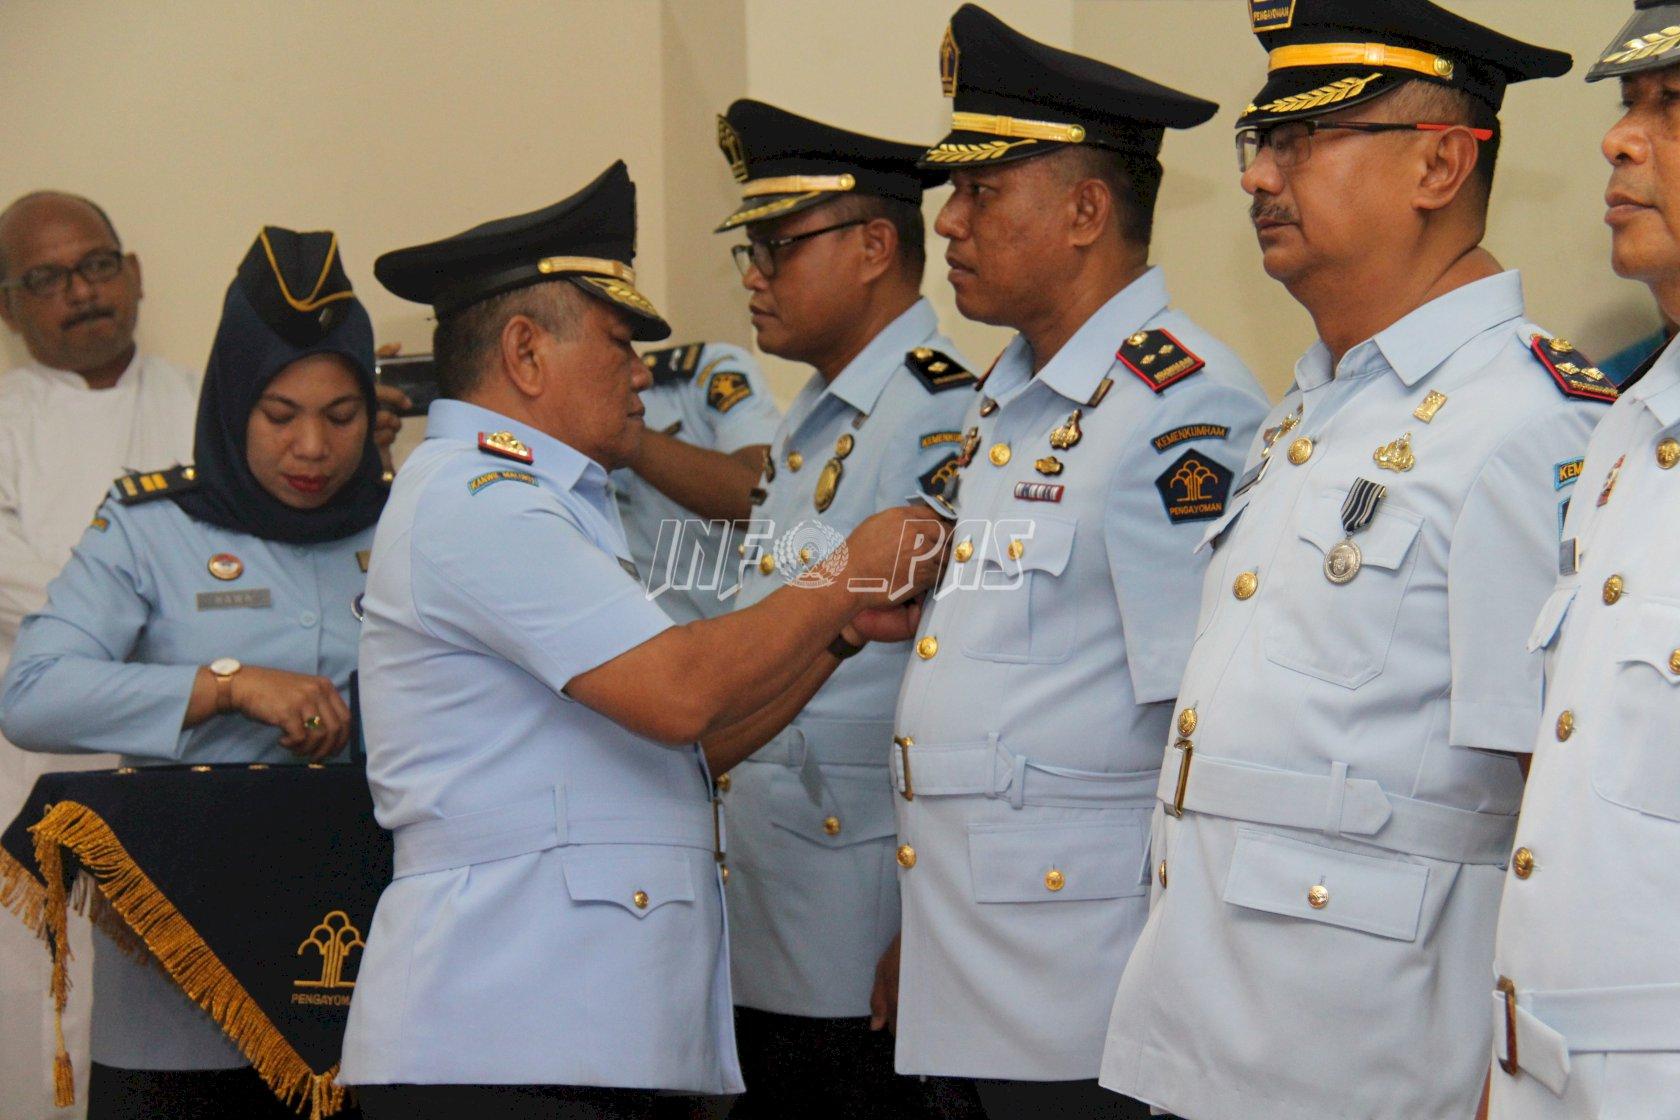 Kakanwil Lantik 24 Pejabat Struktural Jajaran Pemasyarakatan Maluku